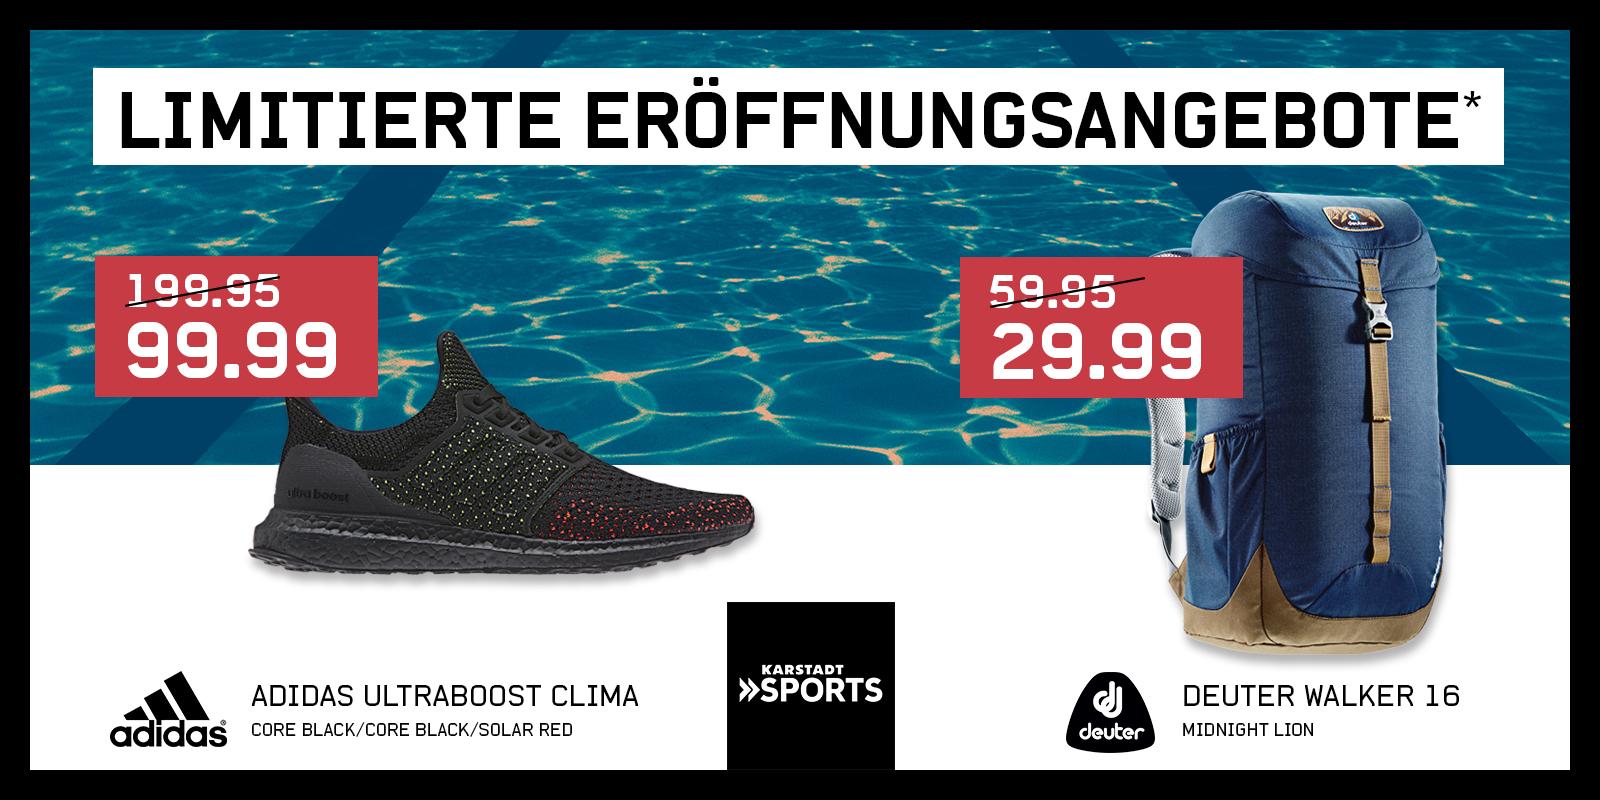 [LOKAL Stuttgart] Adidas Ultra Boost Clima für 99,99€ & Deuter Walker 16 Daypack Rucksack für 29,99€ bei Karstadt Sports Neueröffnung